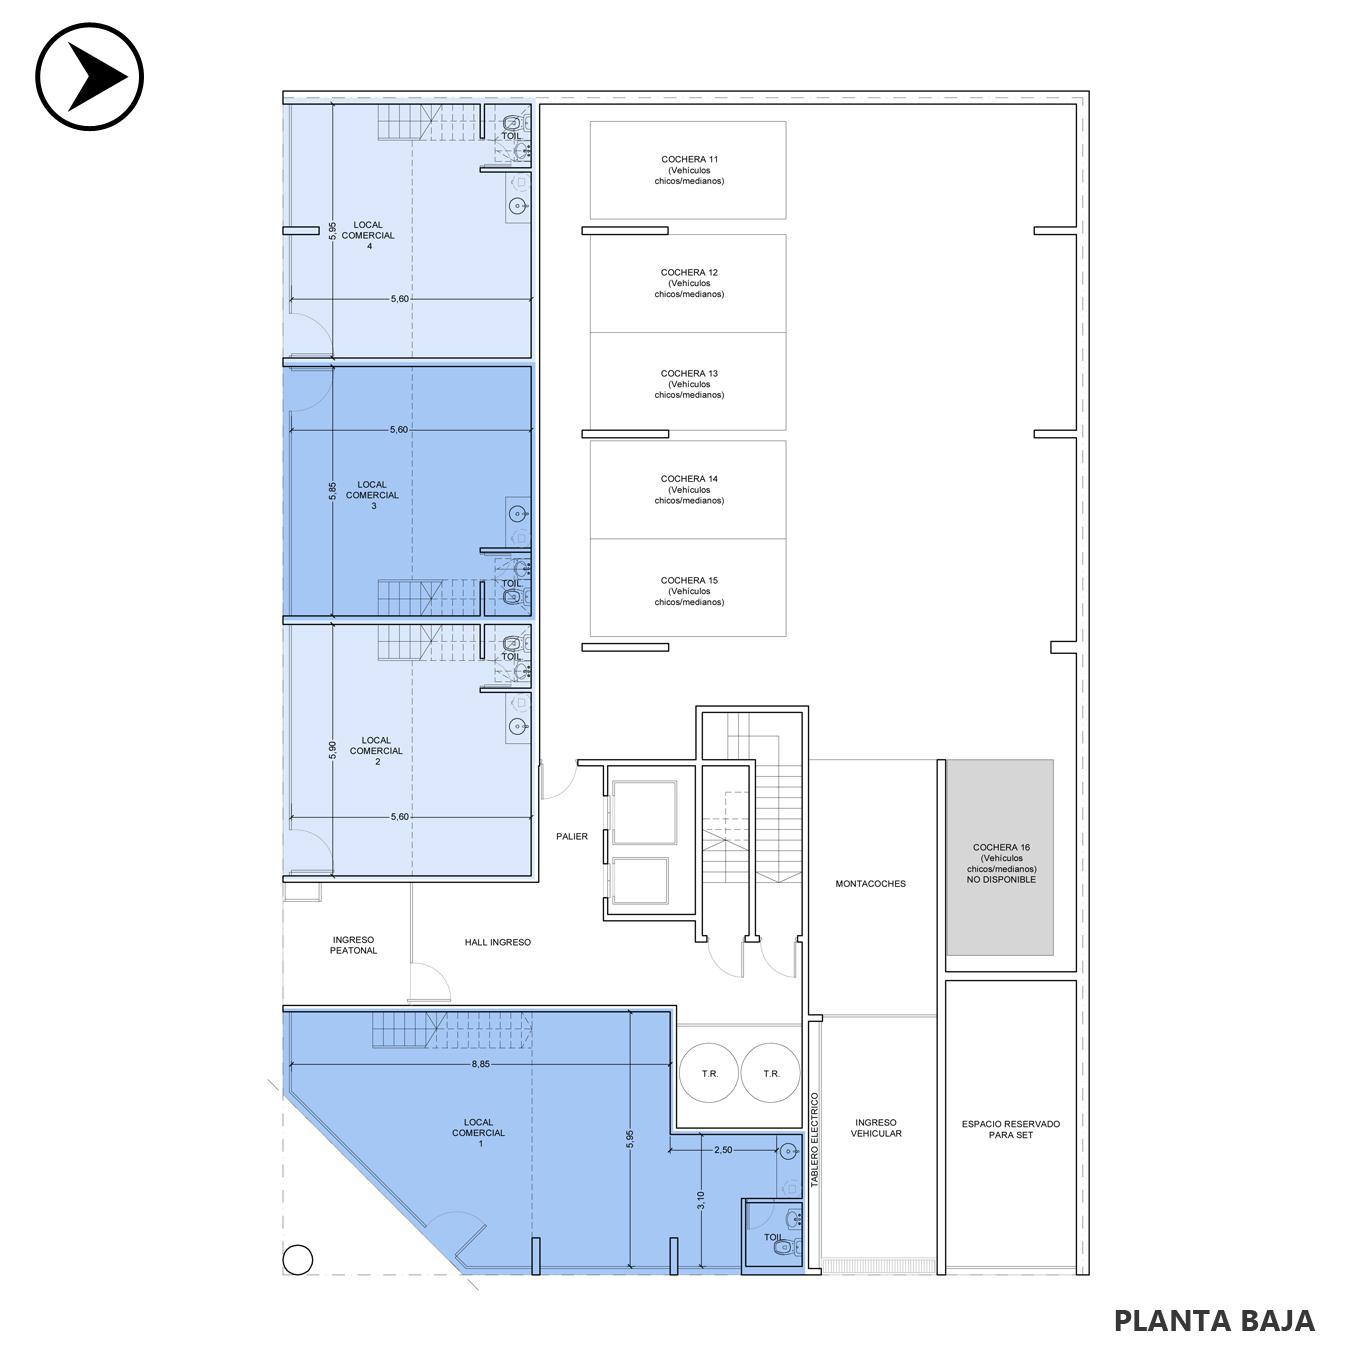 Venta departamento 1 dormitorio Rosario, República De La Sexta. Cod CBU24602 AP2291002. Crestale Propiedades